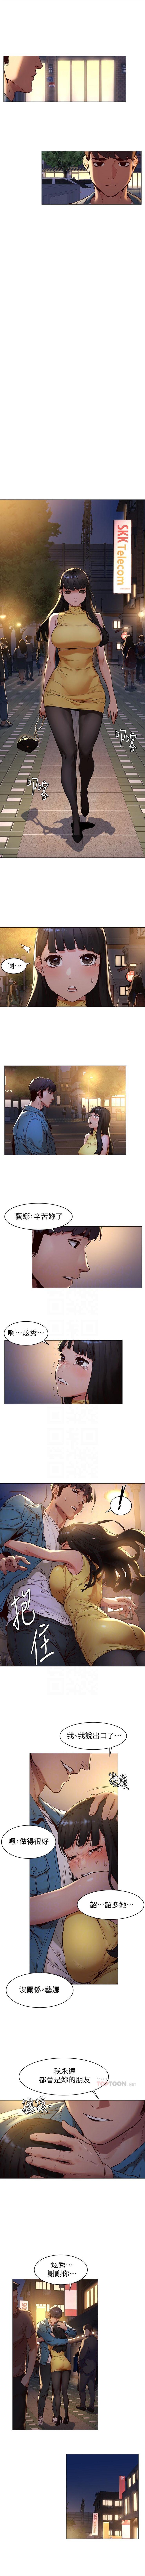 (週5)衝突 1-91 中文翻譯 (更新中) 393